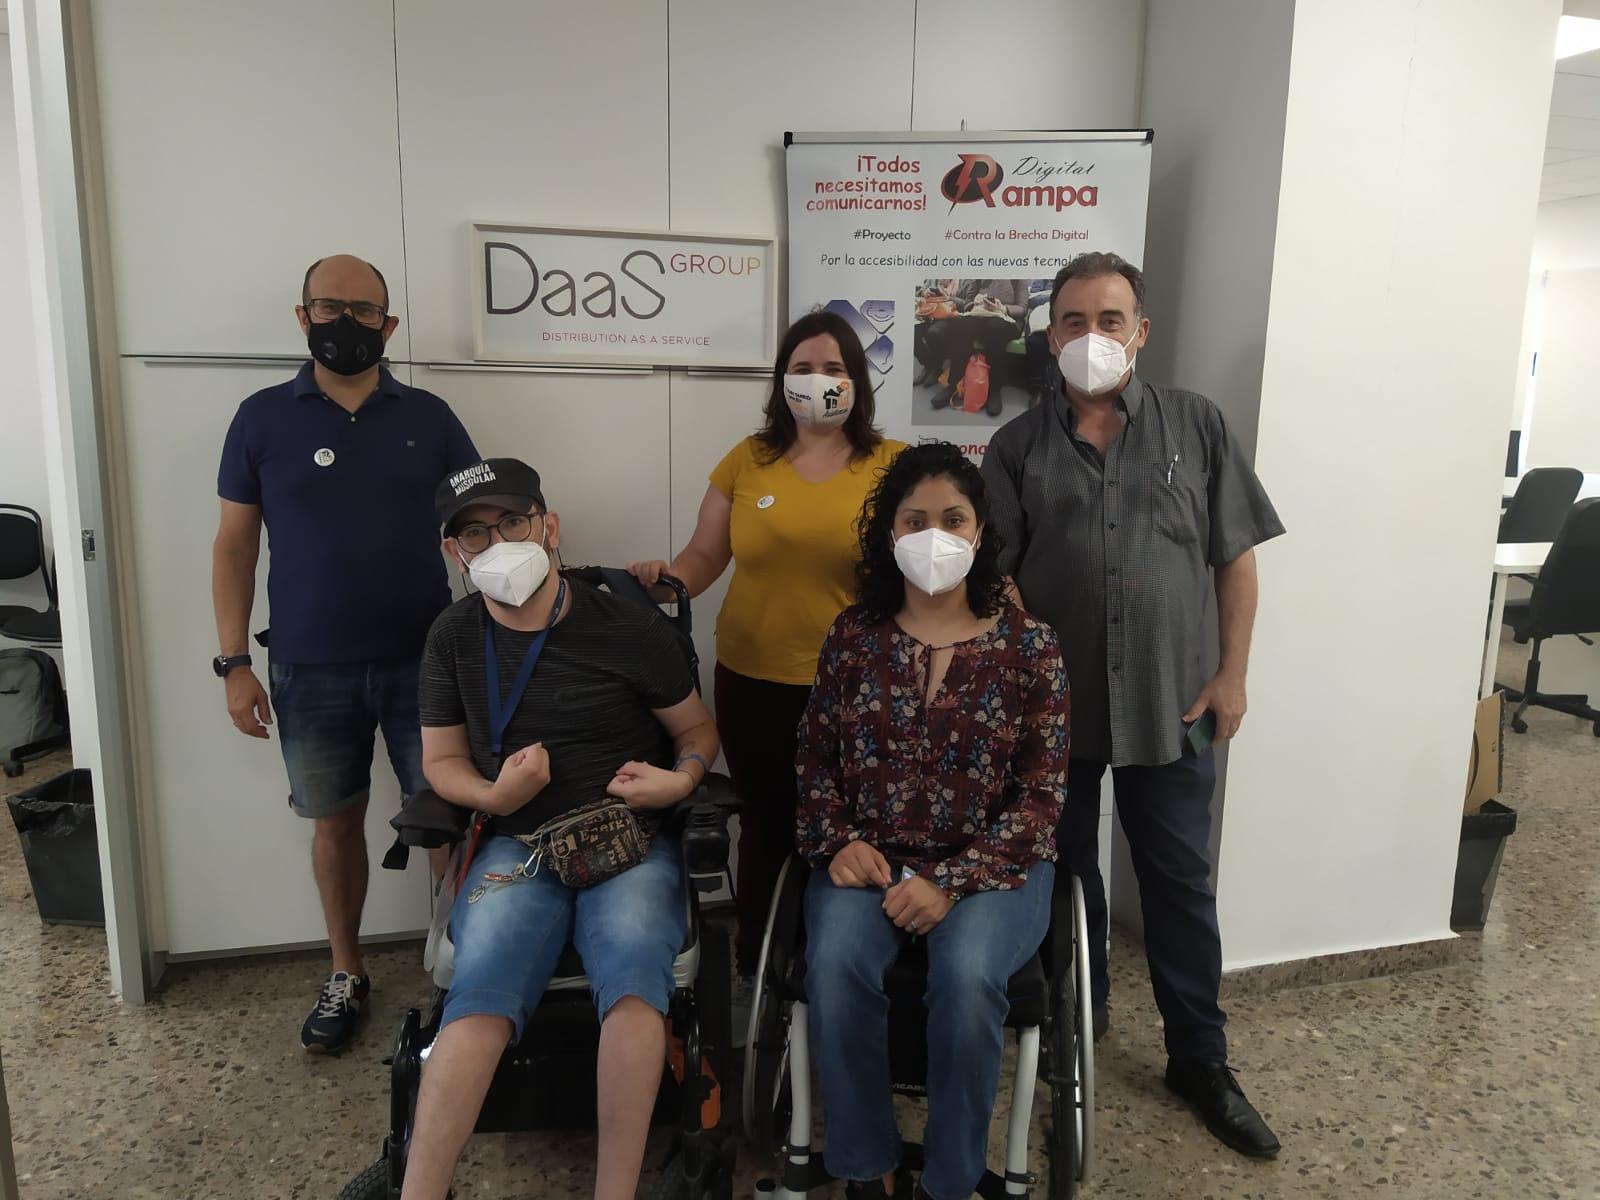 Miembros del equipo comisión empleo tecnológico con apoyo #ETCA en las instalaciones de #inSuit con Juan Antonio de Daas Group